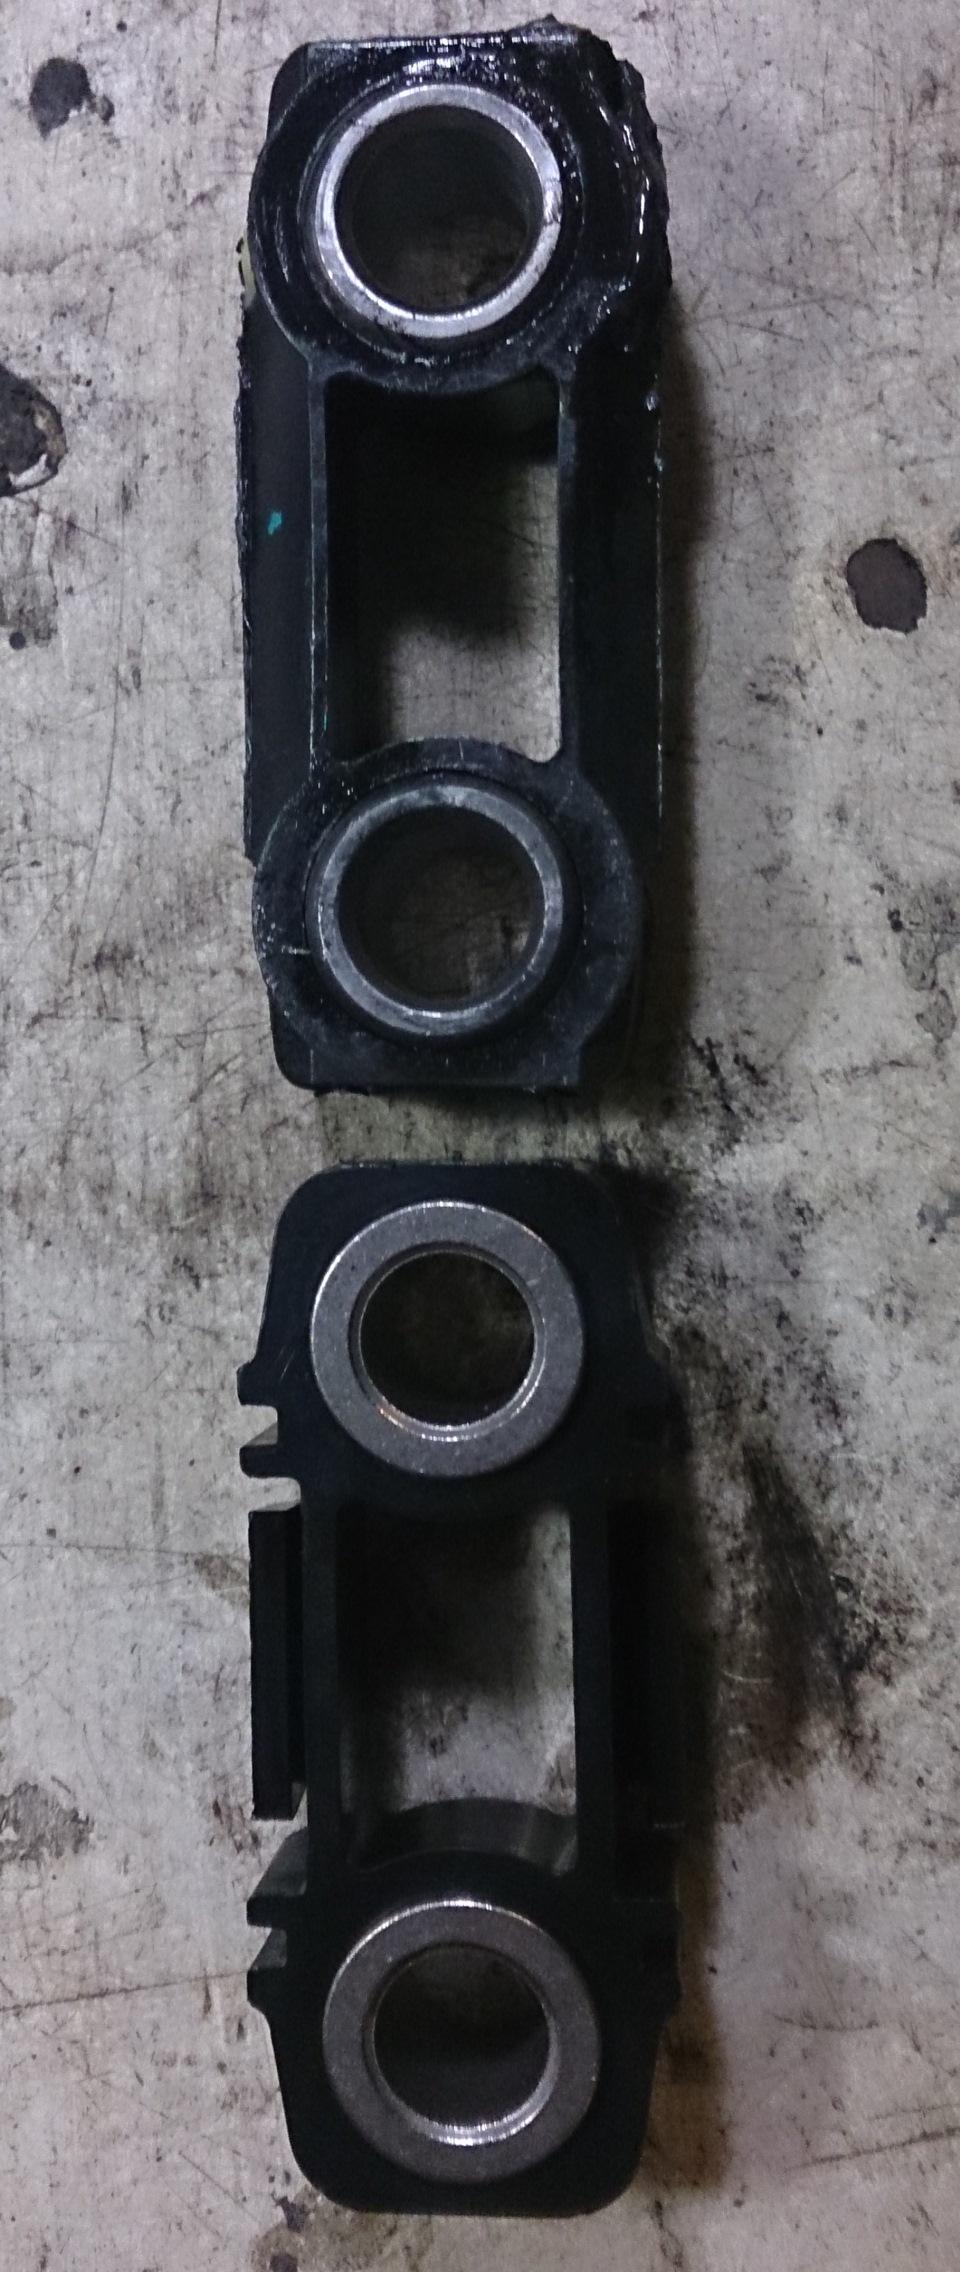 Наконечники рулевых тяг На УАЗ Патриот: диагностика и замена